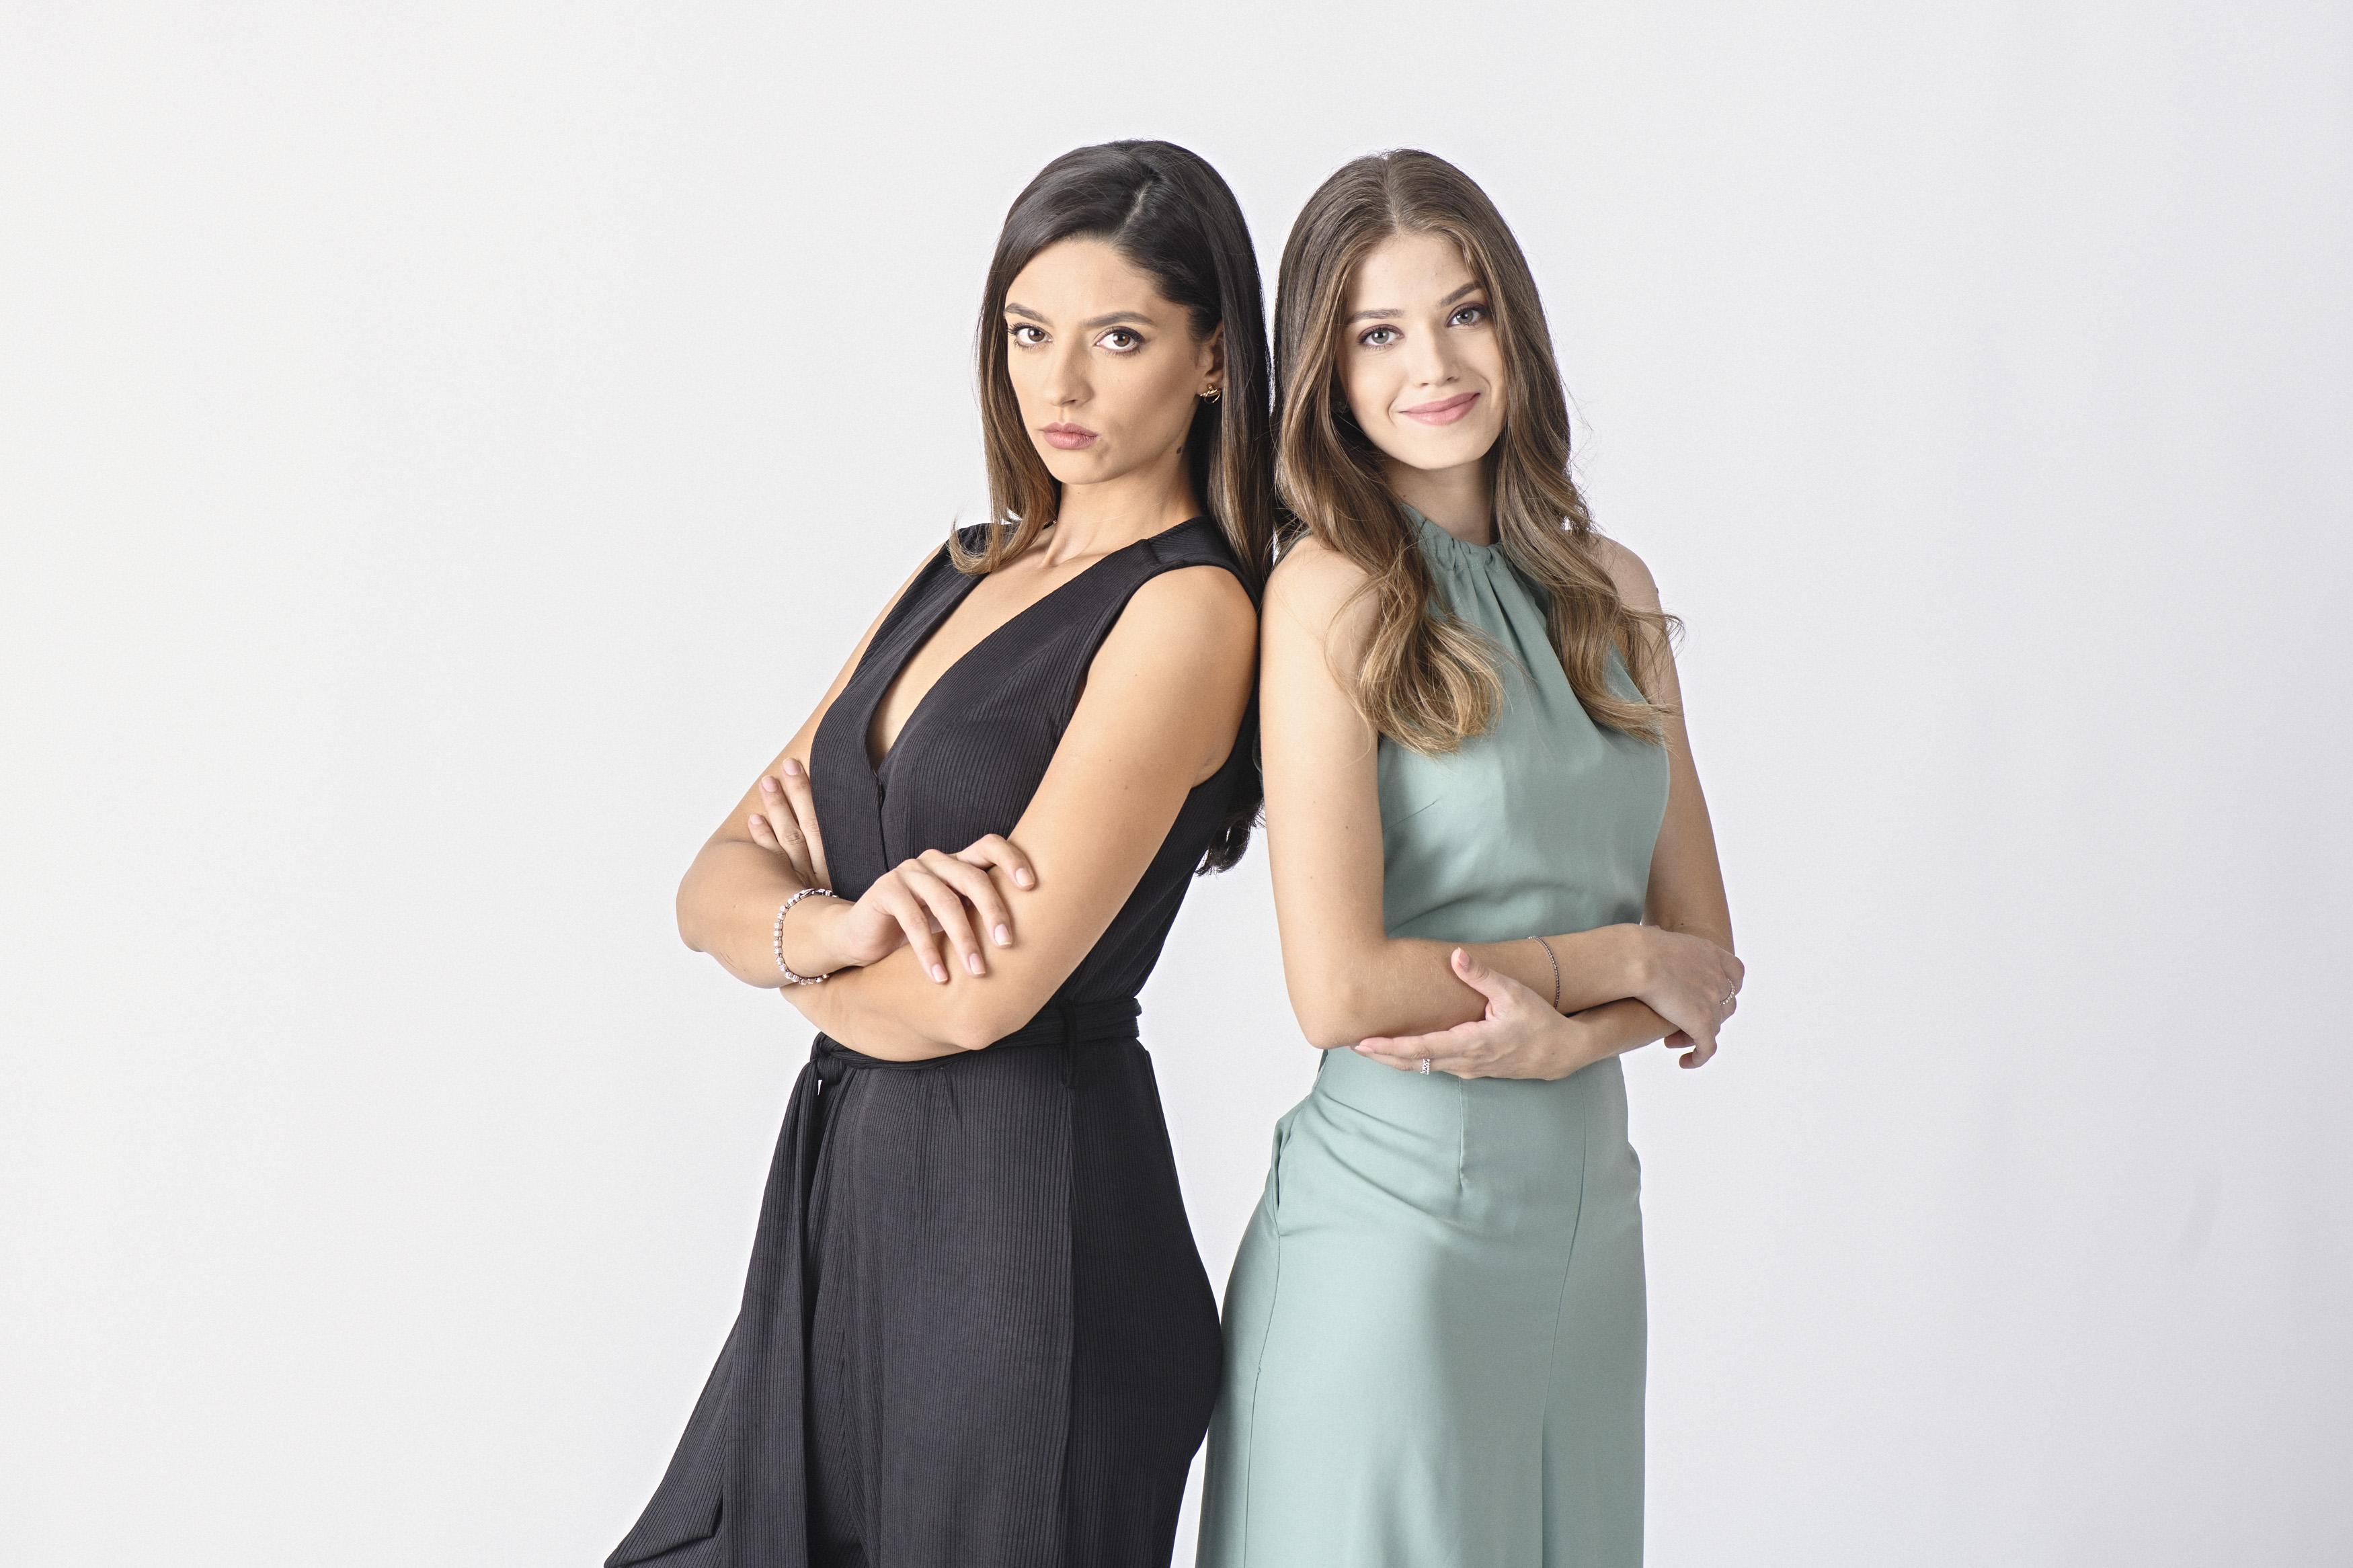 Serial Adela, episodul 1 si episodul 2, 14 ianuarie 2021. Adela și Andreea află că una dintre ele este fata unui bogătaș